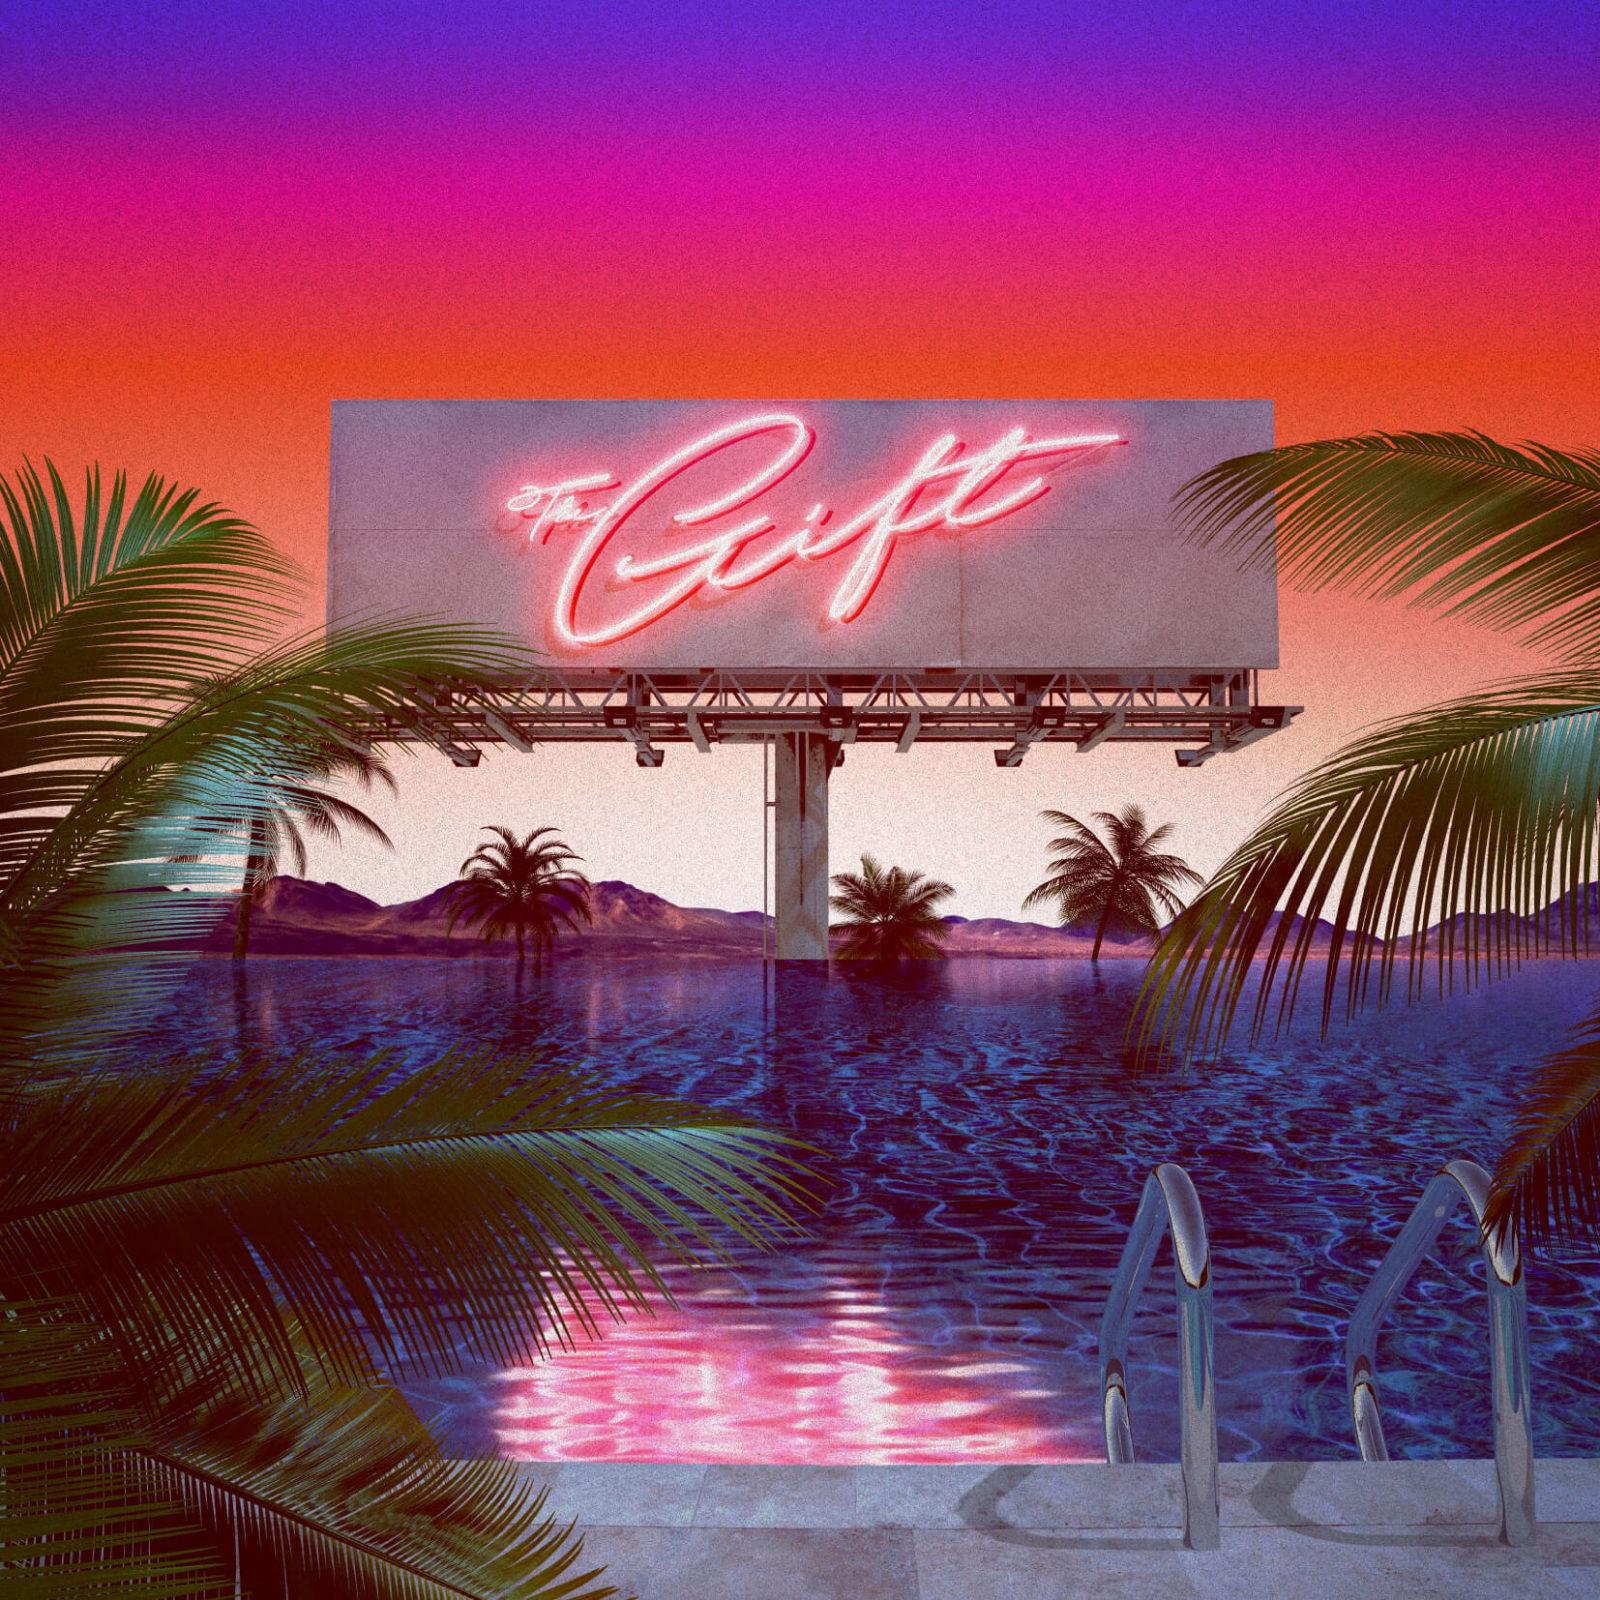 平井 大、NEW ALBUM『THE GIFT』より「Beautiful Journey」のティザー映像を公開